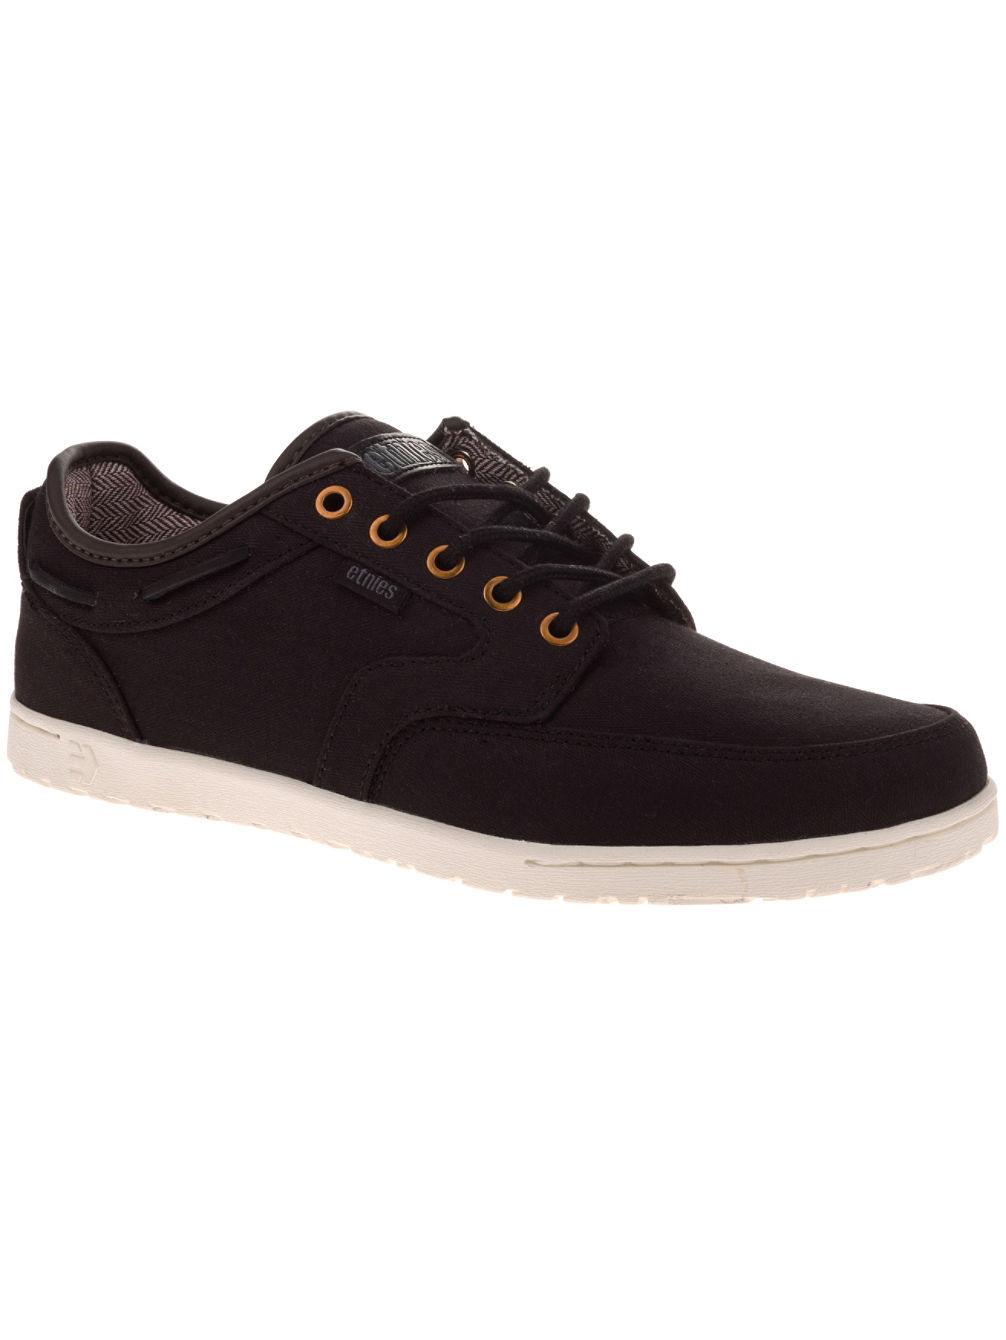 etnies-dory-sneakers